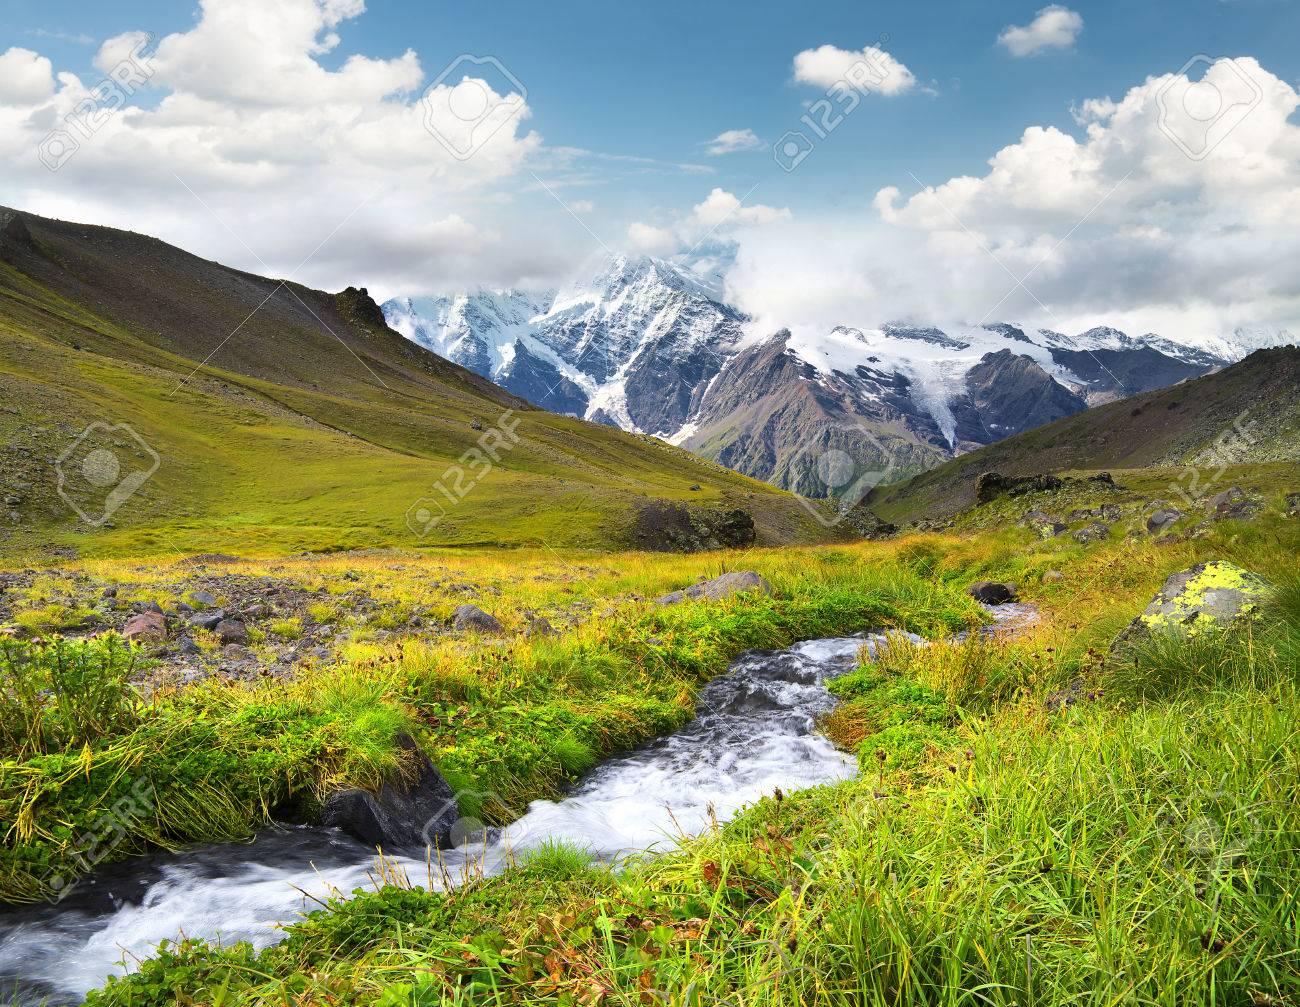 Río En Valle De Montaña Hermoso Paisaje Natural Fotos Retratos